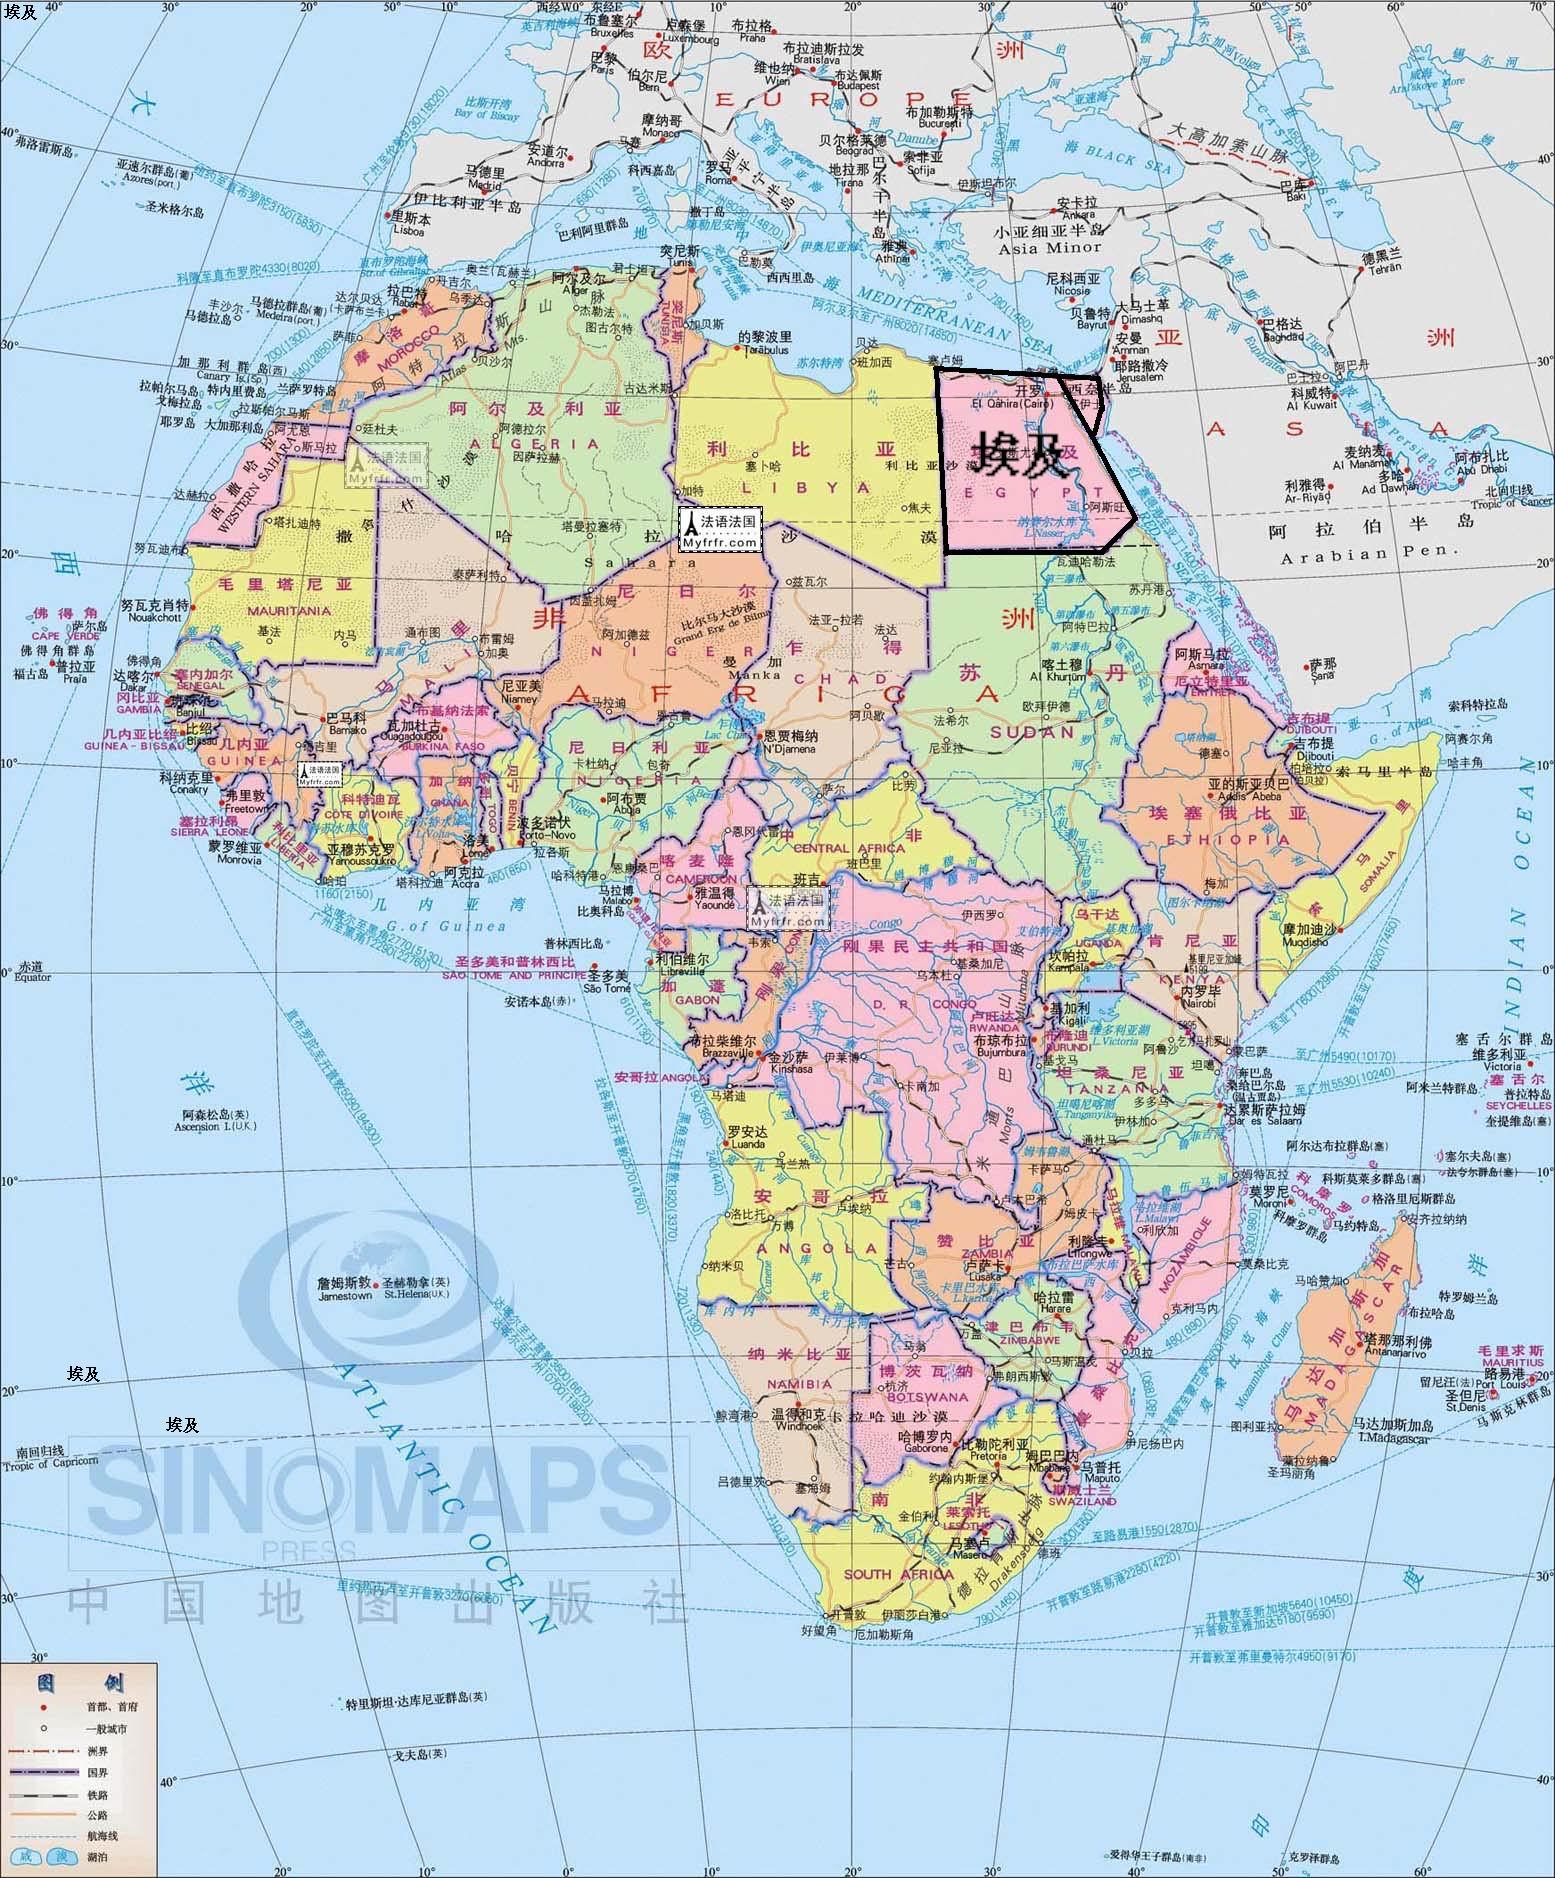 埃及的地理位置埃及的地理位置